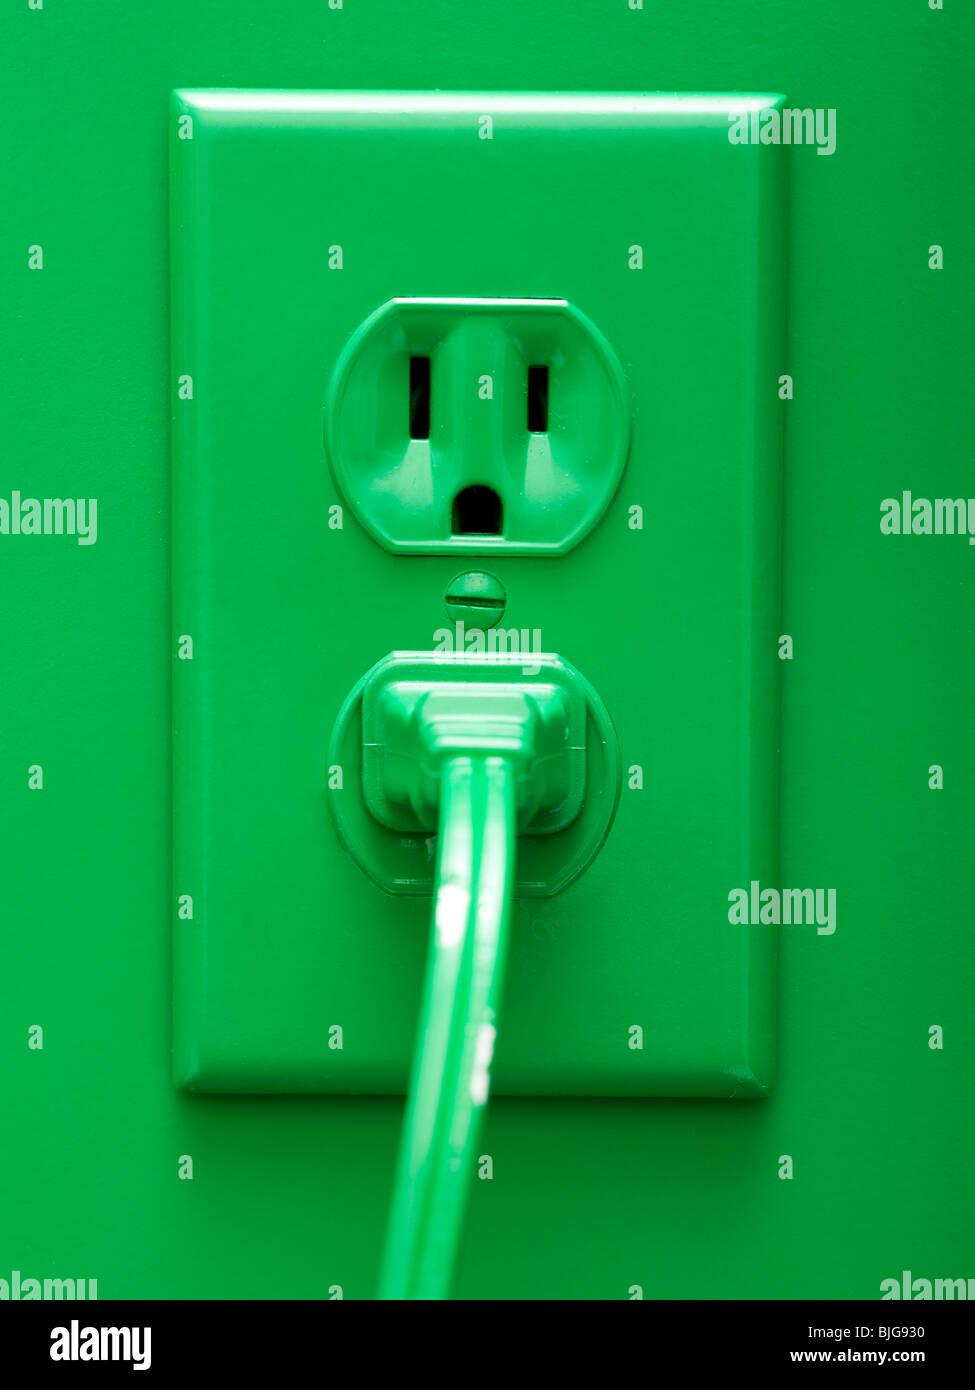 grüne Steckdose Stockbild